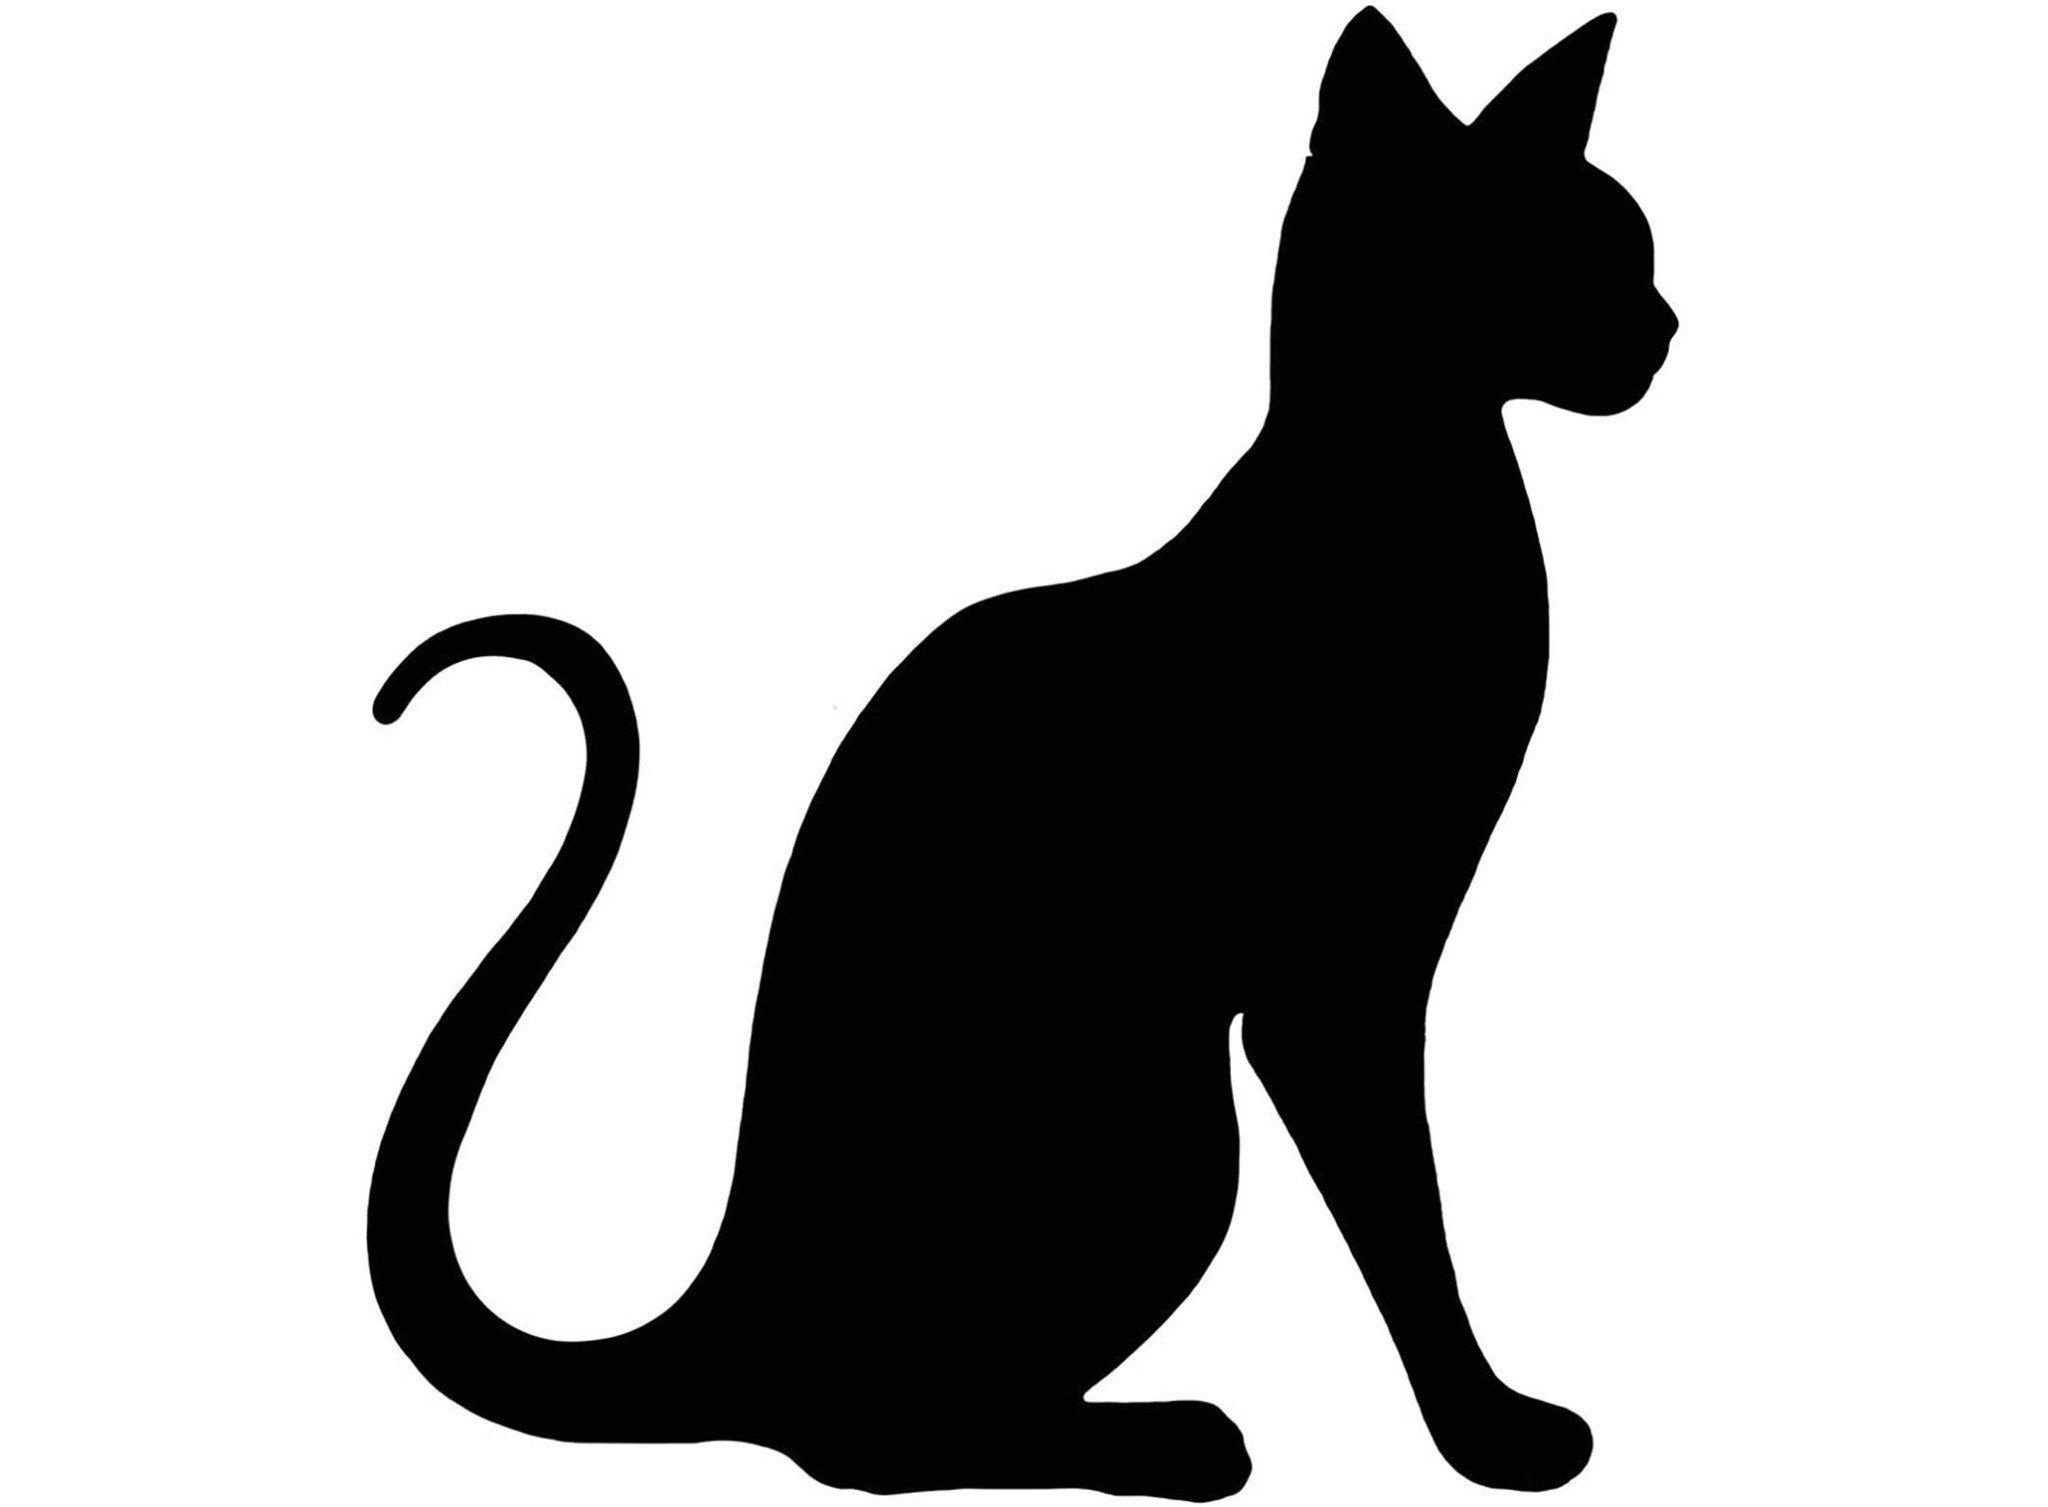 2048x1507 Cat Select A Breed 4 Pcs 2 Black